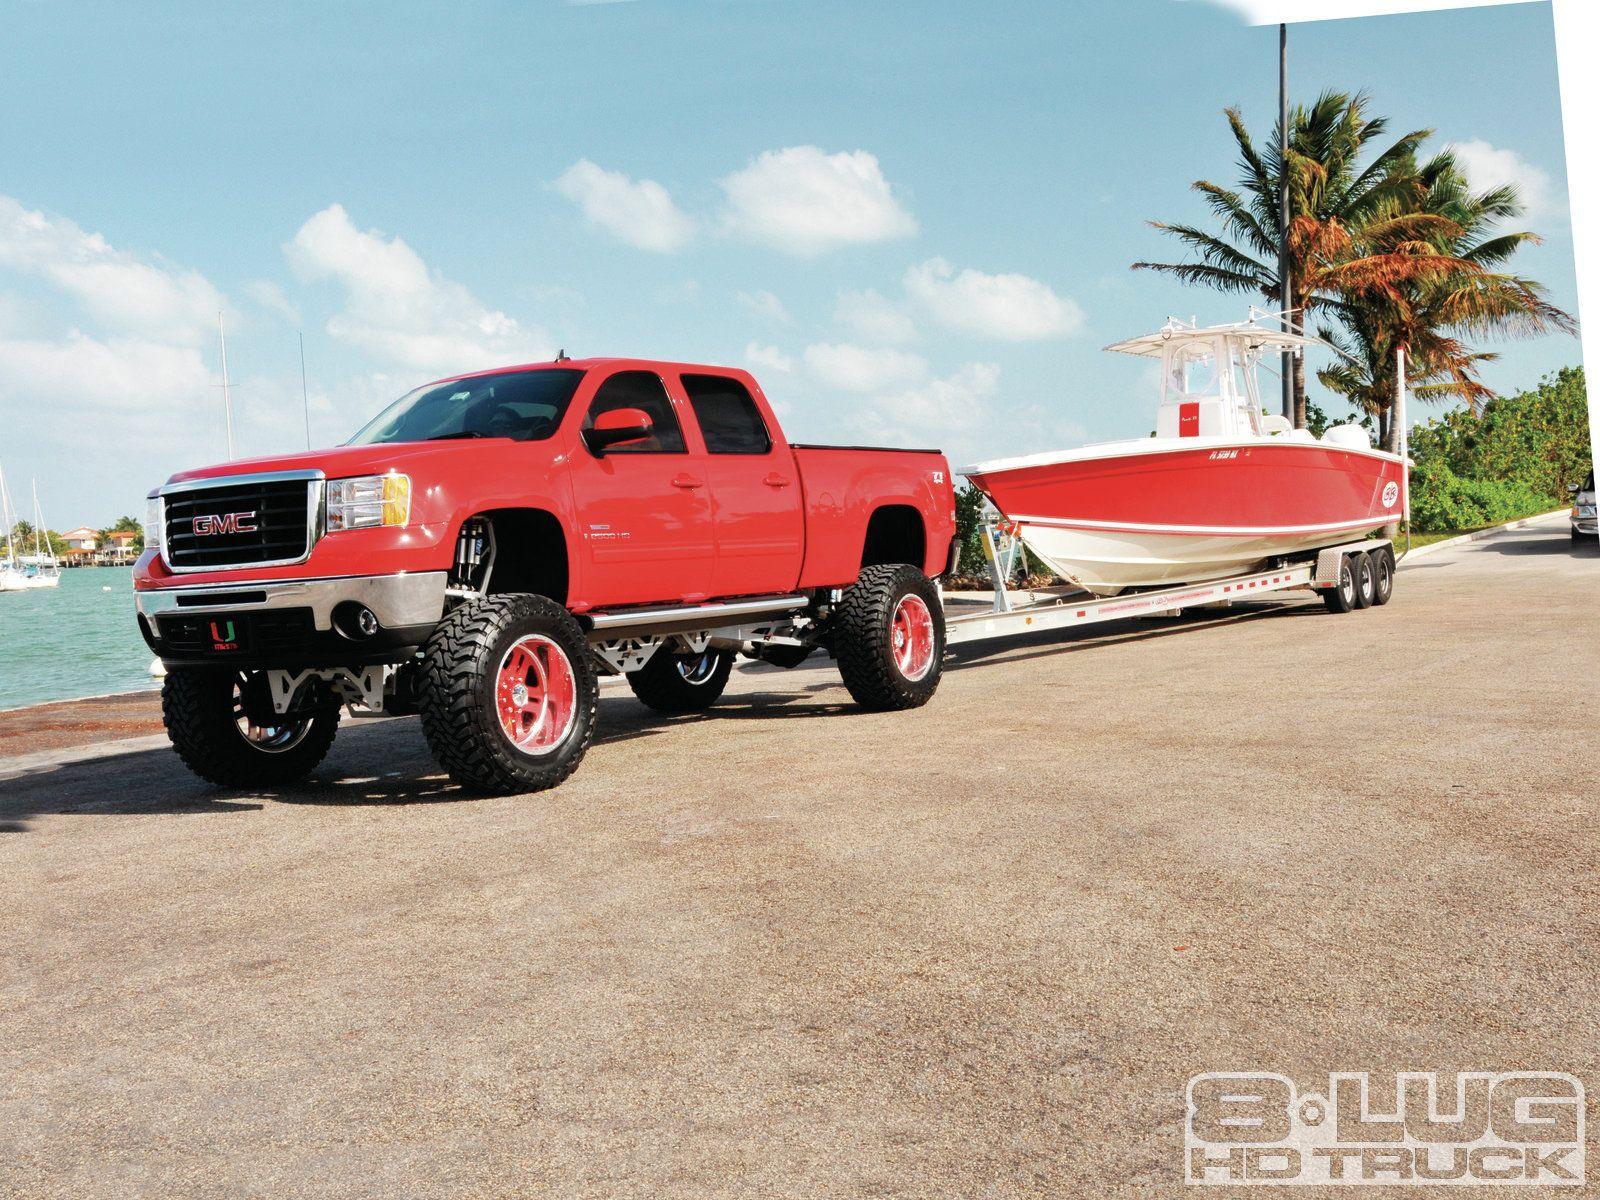 Lifted 2010 gmc sierra 2500 hd pulling boat trailer